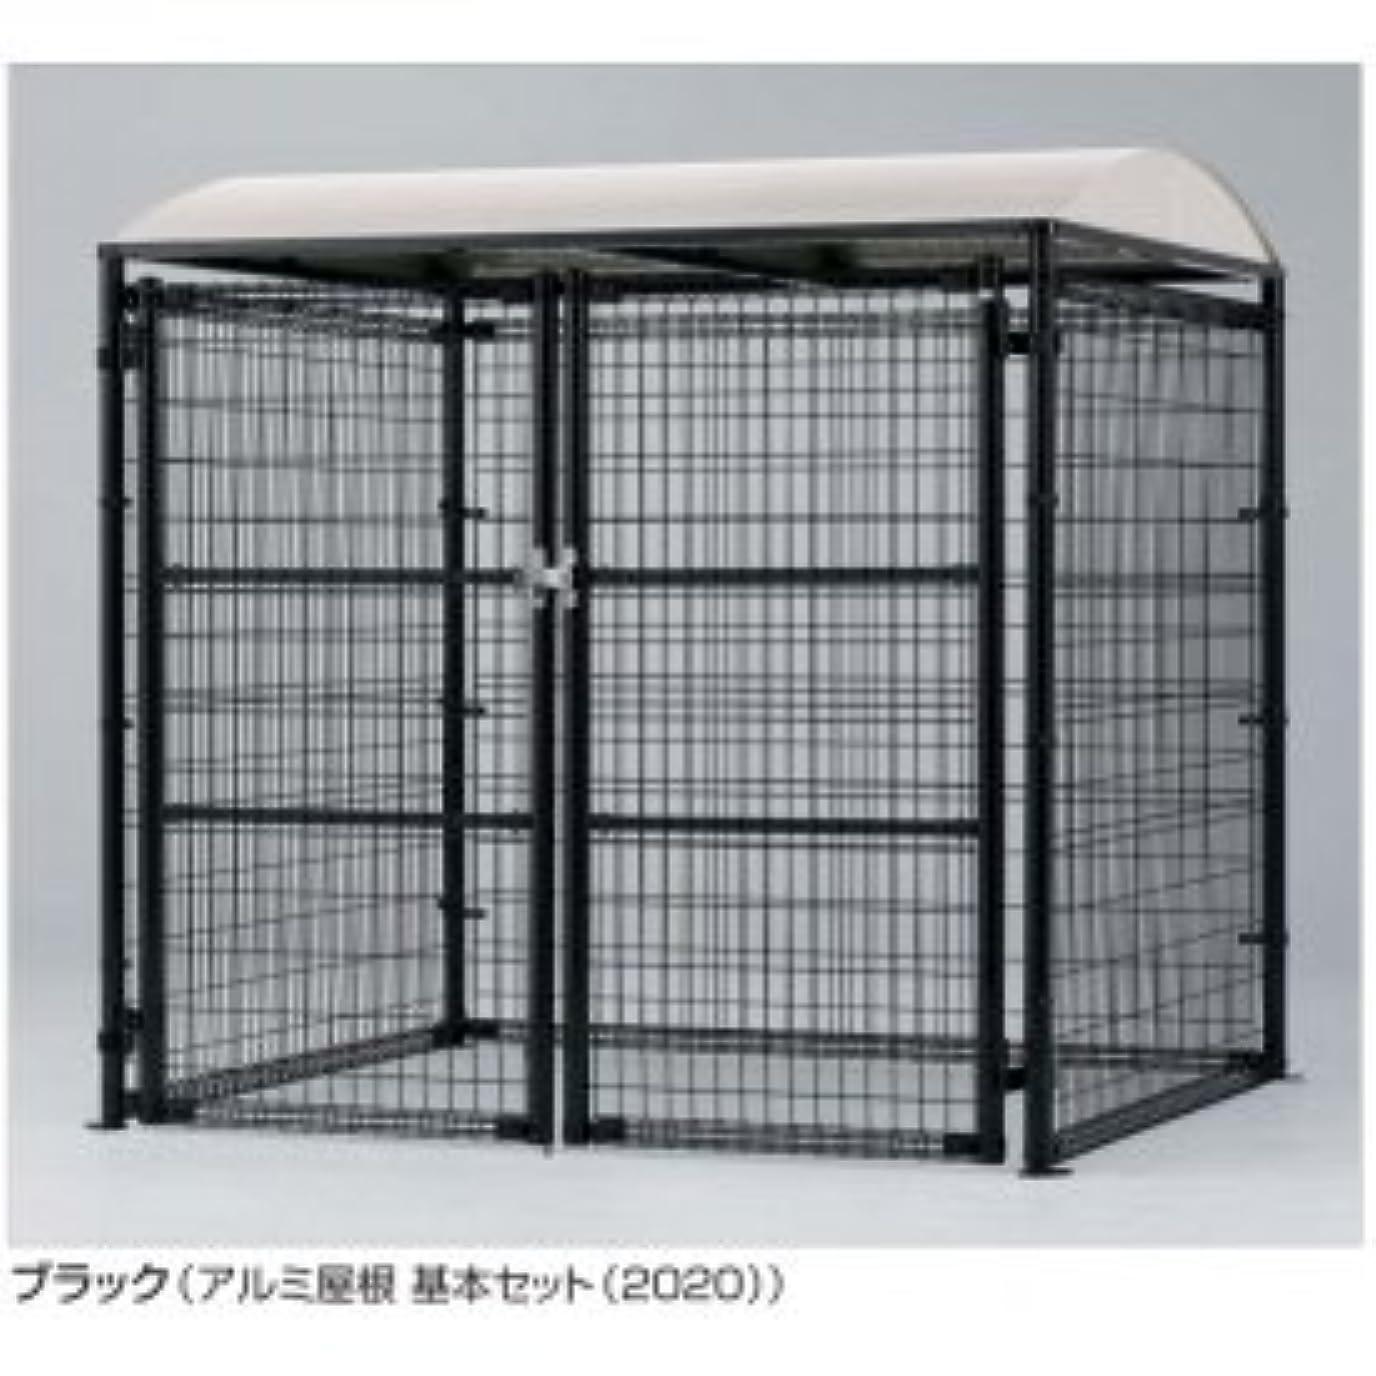 嵐の診断するピケ四国化成 ゴミストッカー LMF10型(アンカー式?メッシュ屋根) GSM10-MA4020BR ブラウン